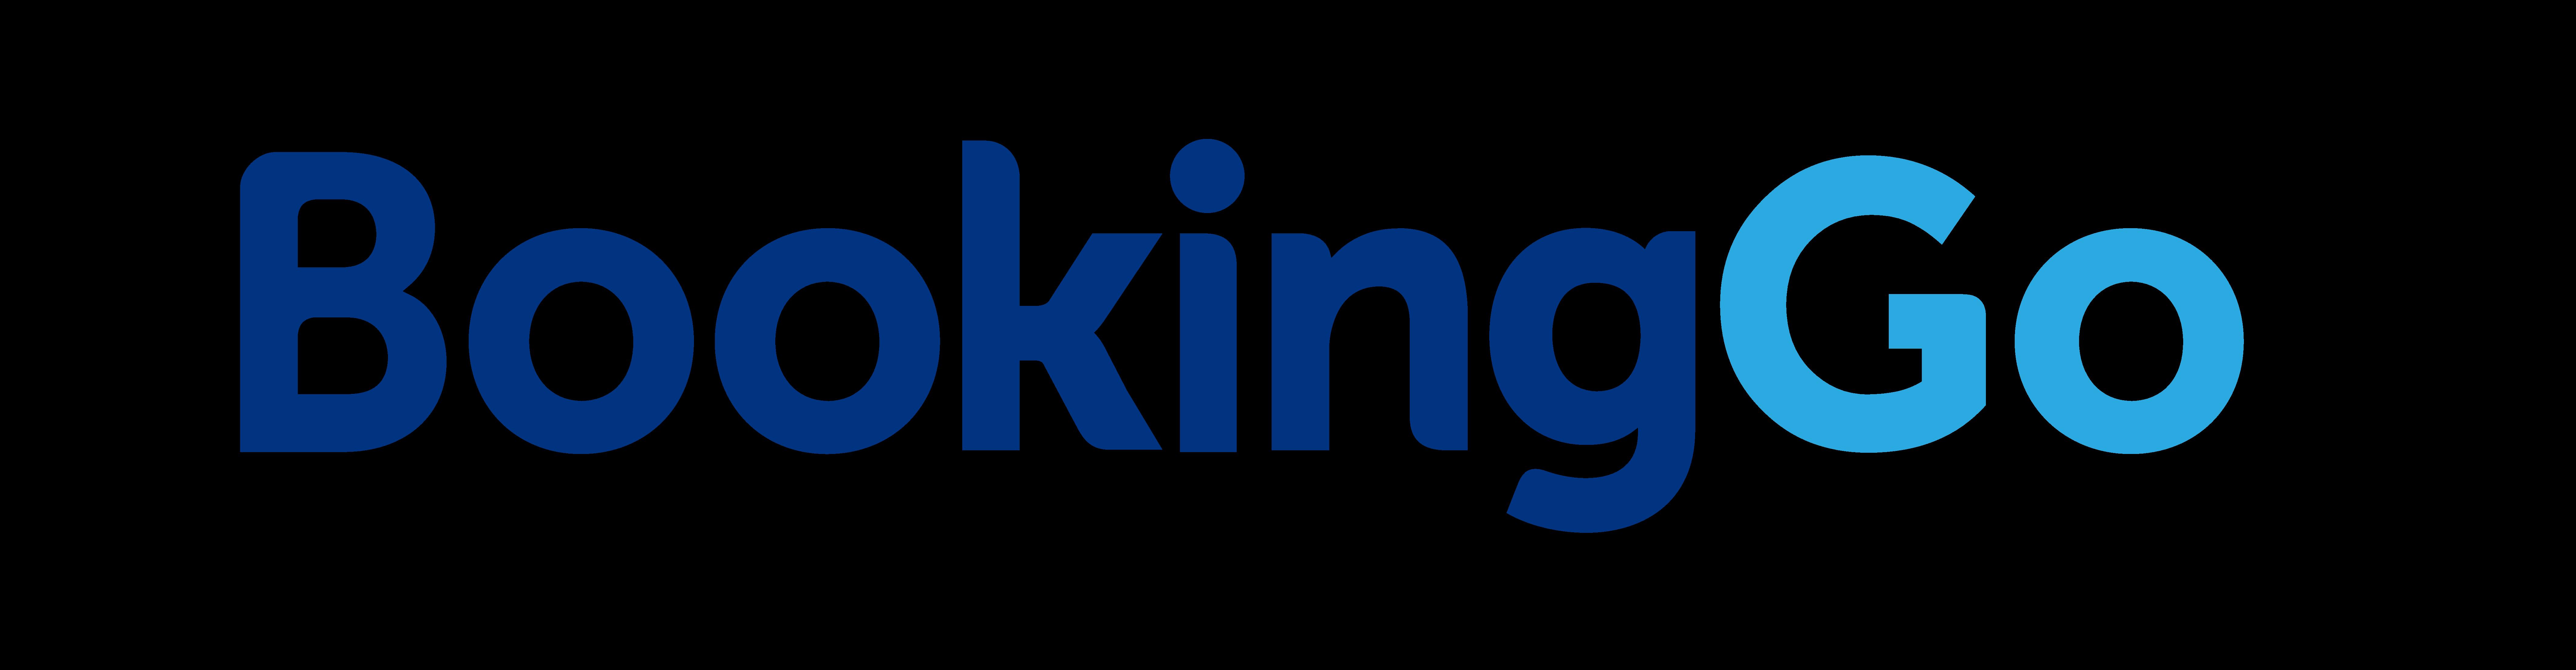 BookingGo Logo